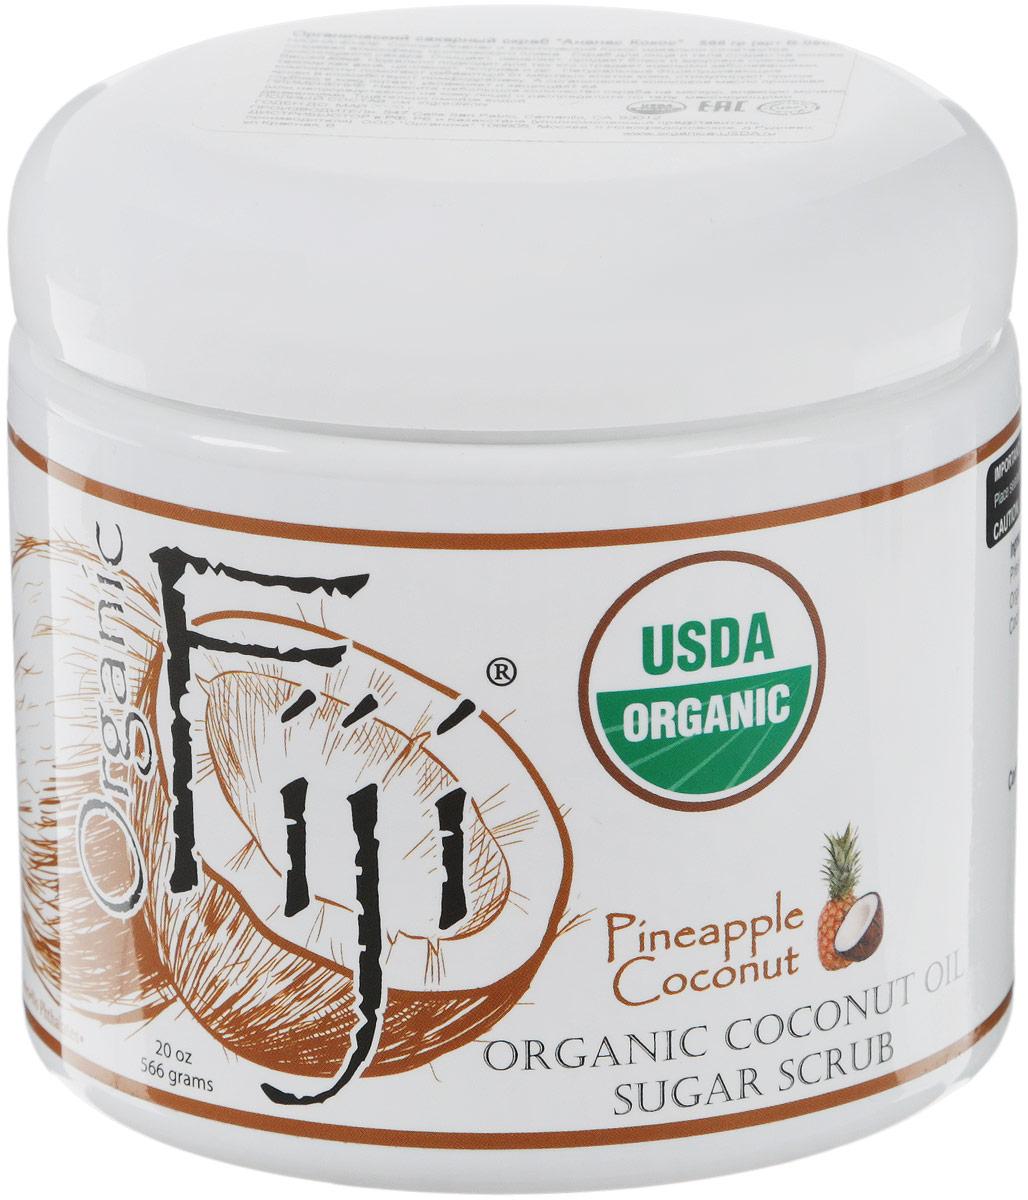 Organic Fiji Органический кокосовый скраб для лица и тела на основе тростникового сахара, ананас, 566 гB-0886Сочный ананас и экзотический кокос идеально сочетаются в скрабе, создавая атмосферу тропического пляжа. Органический отшелушивающий скраб для лица и тела создан на основе тростникового сахара. Очищает, придает блеск и здоровое сияние Вашей коже. Идеально подходят для тех, кто страдает кожными заболеваниями, такими как акне, целлюлит, псориаз и др. Органическое кокосовое масло холодного отжима, органический тростниковый сахар и эфирные масла ананаса и кокоса -настоящие дары природы. Натуральные отшелушивающие компоненты помогают избавиться от мертвых клеток кожи, стимулируют приток крови и способствуют лимфодренажу,сохраняя Вашу кожу гладкой и эластичной. А органическое кокосовое масло, проникая глубоко в кожу, питает, увлажняет и защищает её. Подарите Вашей коже роскошные домашние спа-процедуры.USDA сертифицированная органическая косметика.Уважаемые клиенты! Обращаем ваше внимание на возможные изменения в дизайне упаковки. Качественные характеристики товара остаются неизменными. Поставка осуществляется в зависимости от наличия на складе.